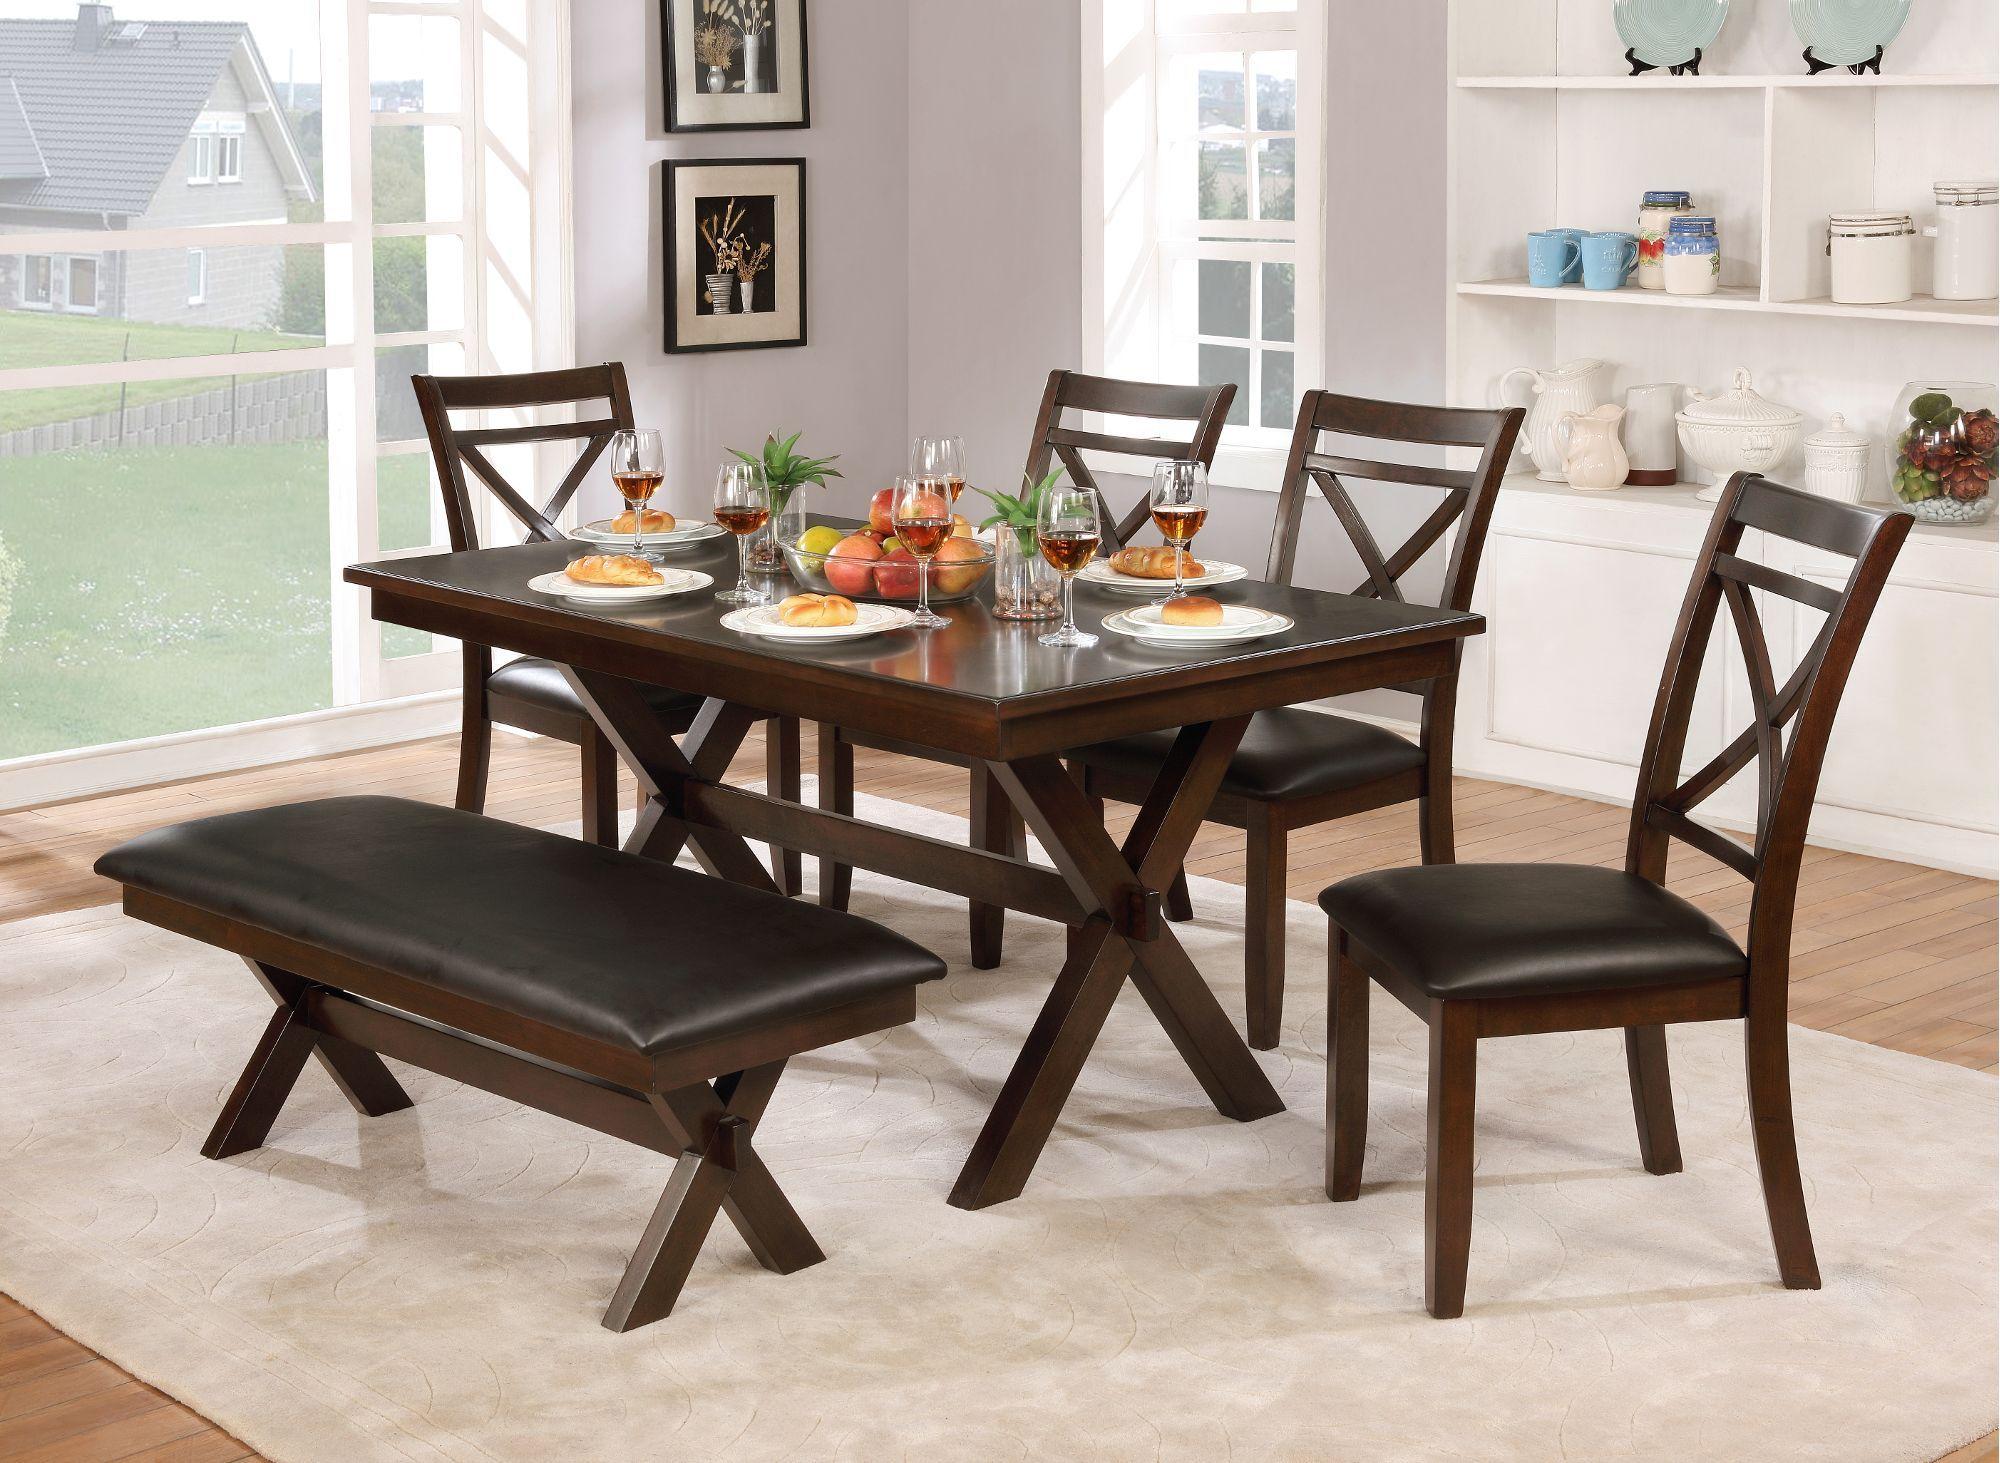 Hynewyear Startfresh Furniture Rcwilley Resolutions Starttheyear Homefurnishing Changes Makethechange Restart Dinner